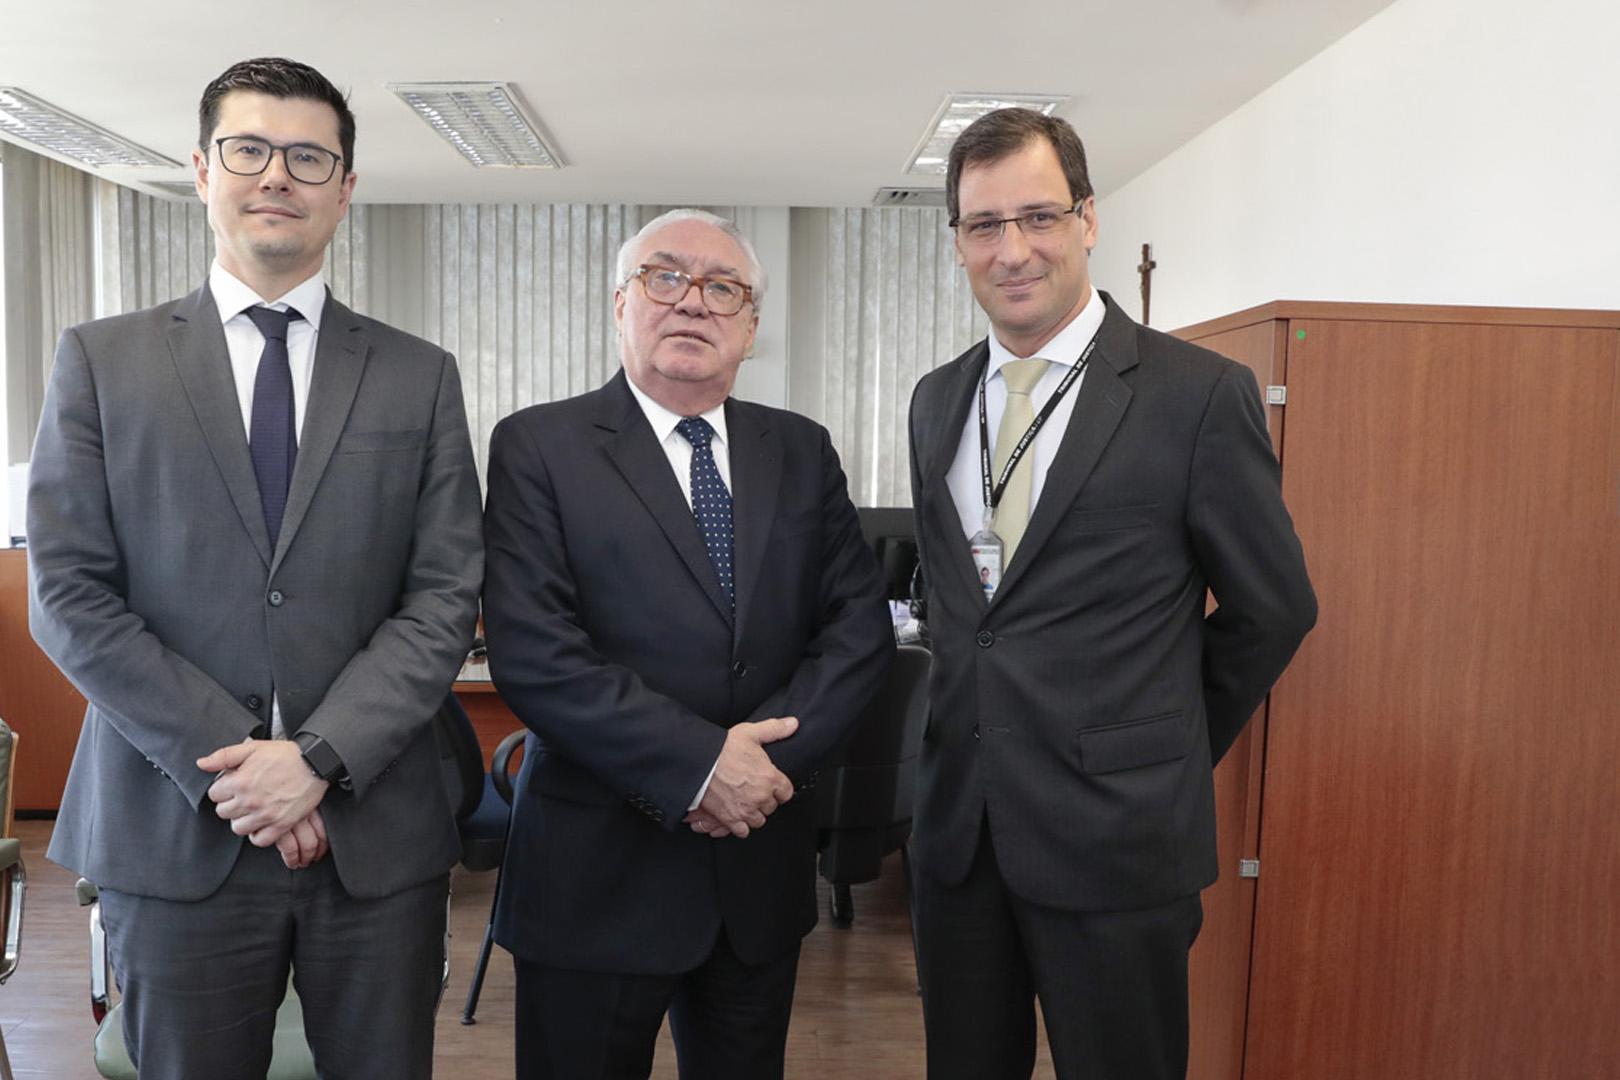 Judiciário em ação: visita ao centro administrativo da Praça do Patriarca